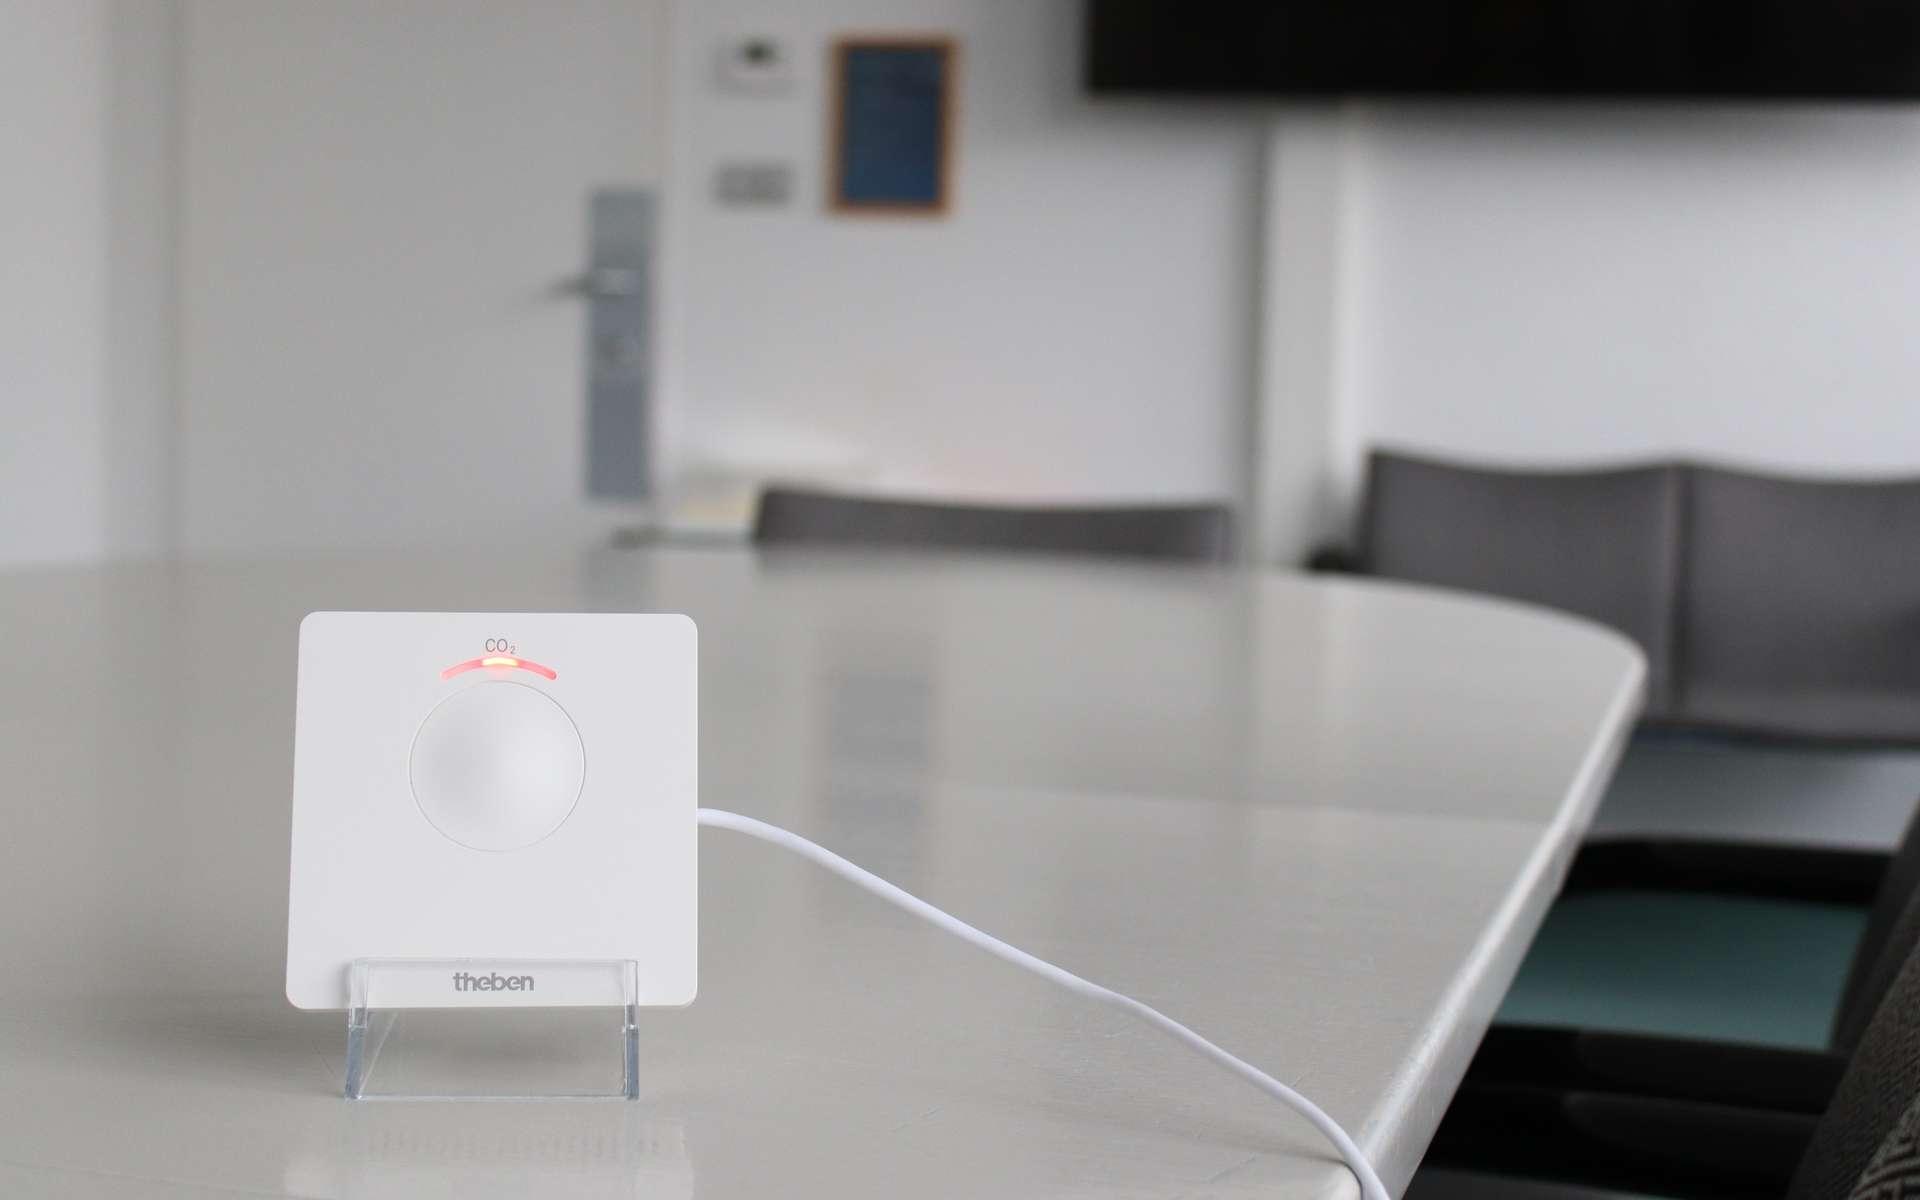 Petit et discret, le boîtier Amun 716 CO2 de Theben permet de connaître en un coup d'œil le taux de concentration de CO2 présent dans une pièce. Alimenté par un cordon USB, il se pose sur un meuble ou s'accroche au mur. © Theben